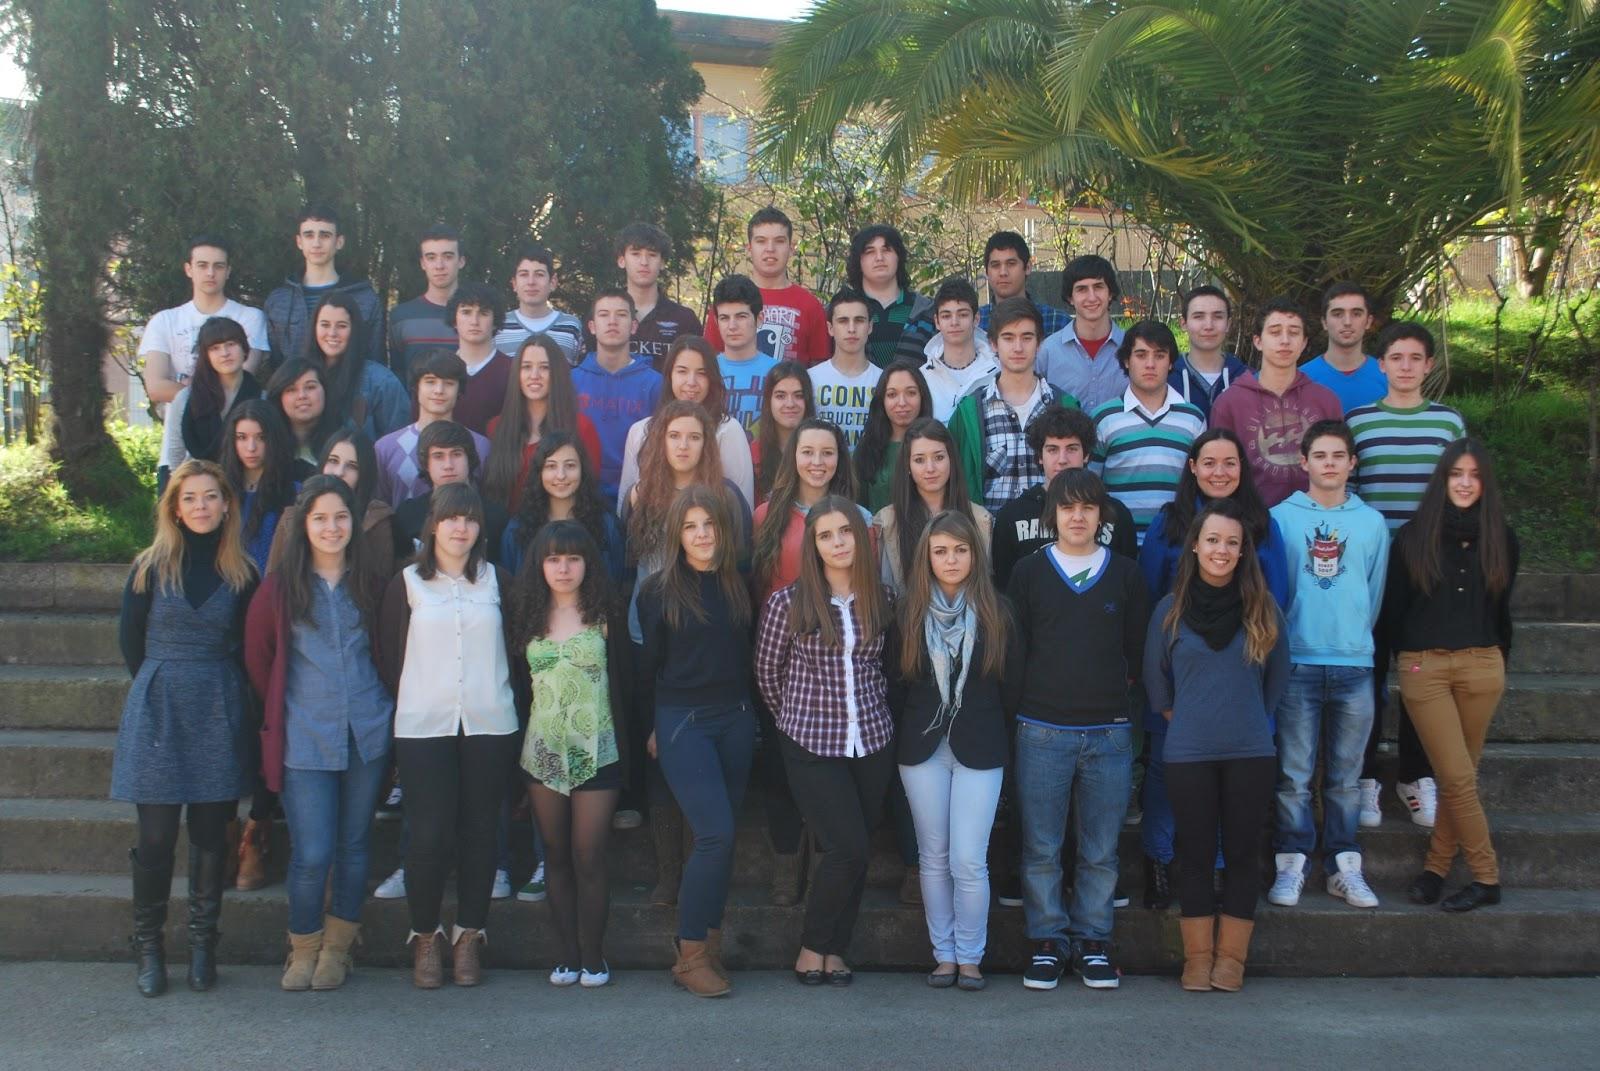 Viaje de estudios colegio amor de dios oviedo 2013 el - Colegio amor de dios oviedo ...